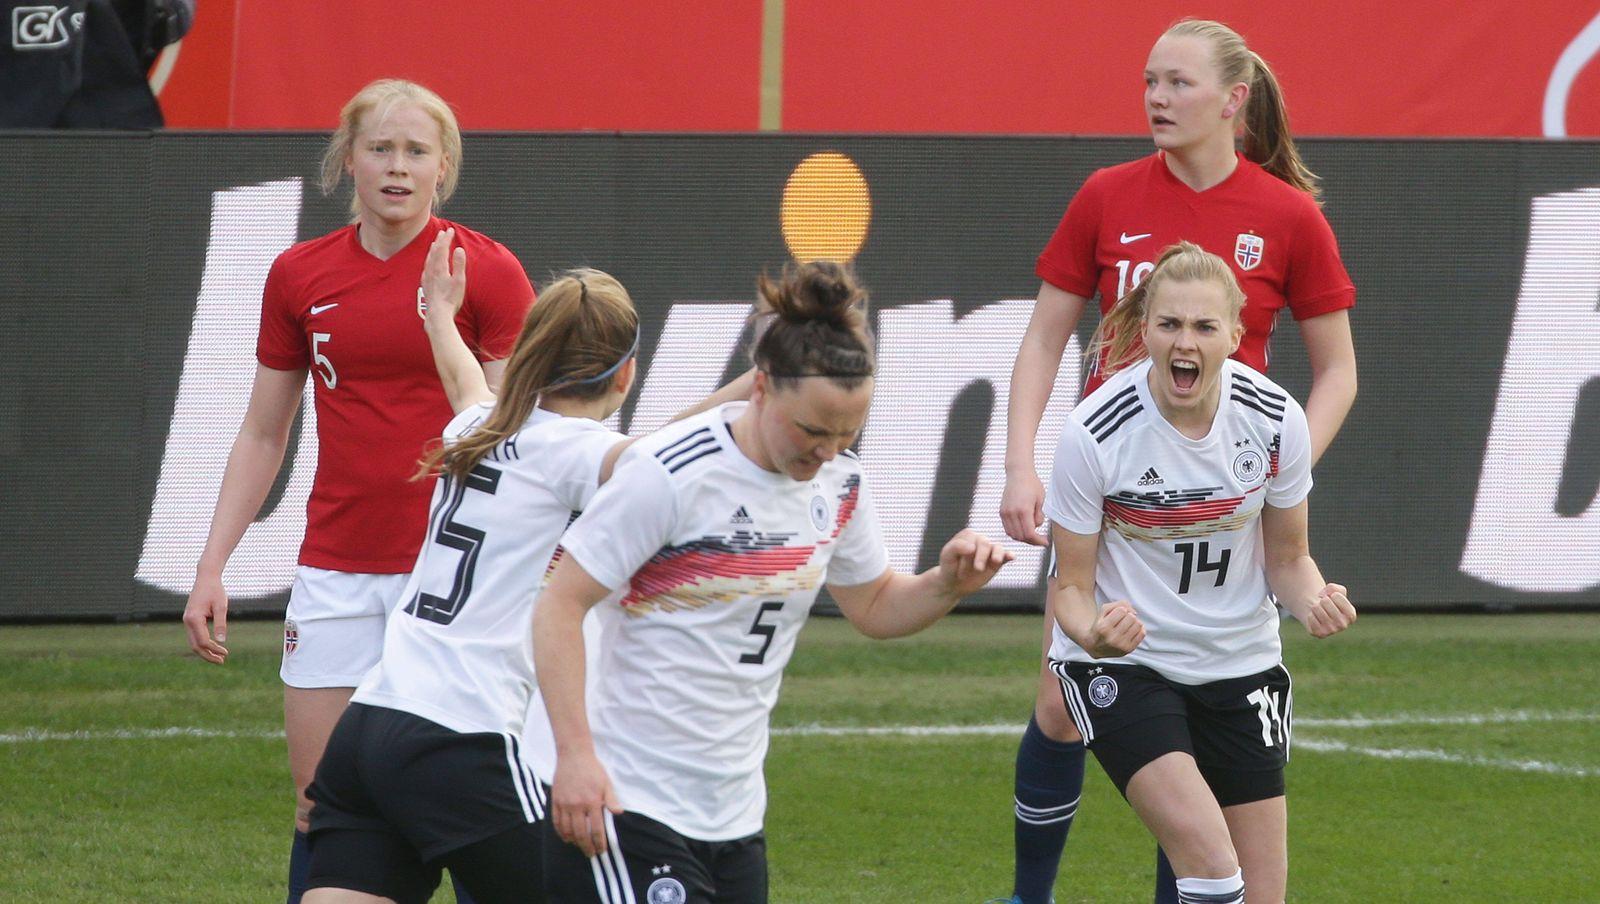 Wiesbaden , Fußball Länderspiel Deutschland vs. Norwegen , Jubel Nach dem Tor zum 1 : 1 , rechts: Torschützin ( Laura F